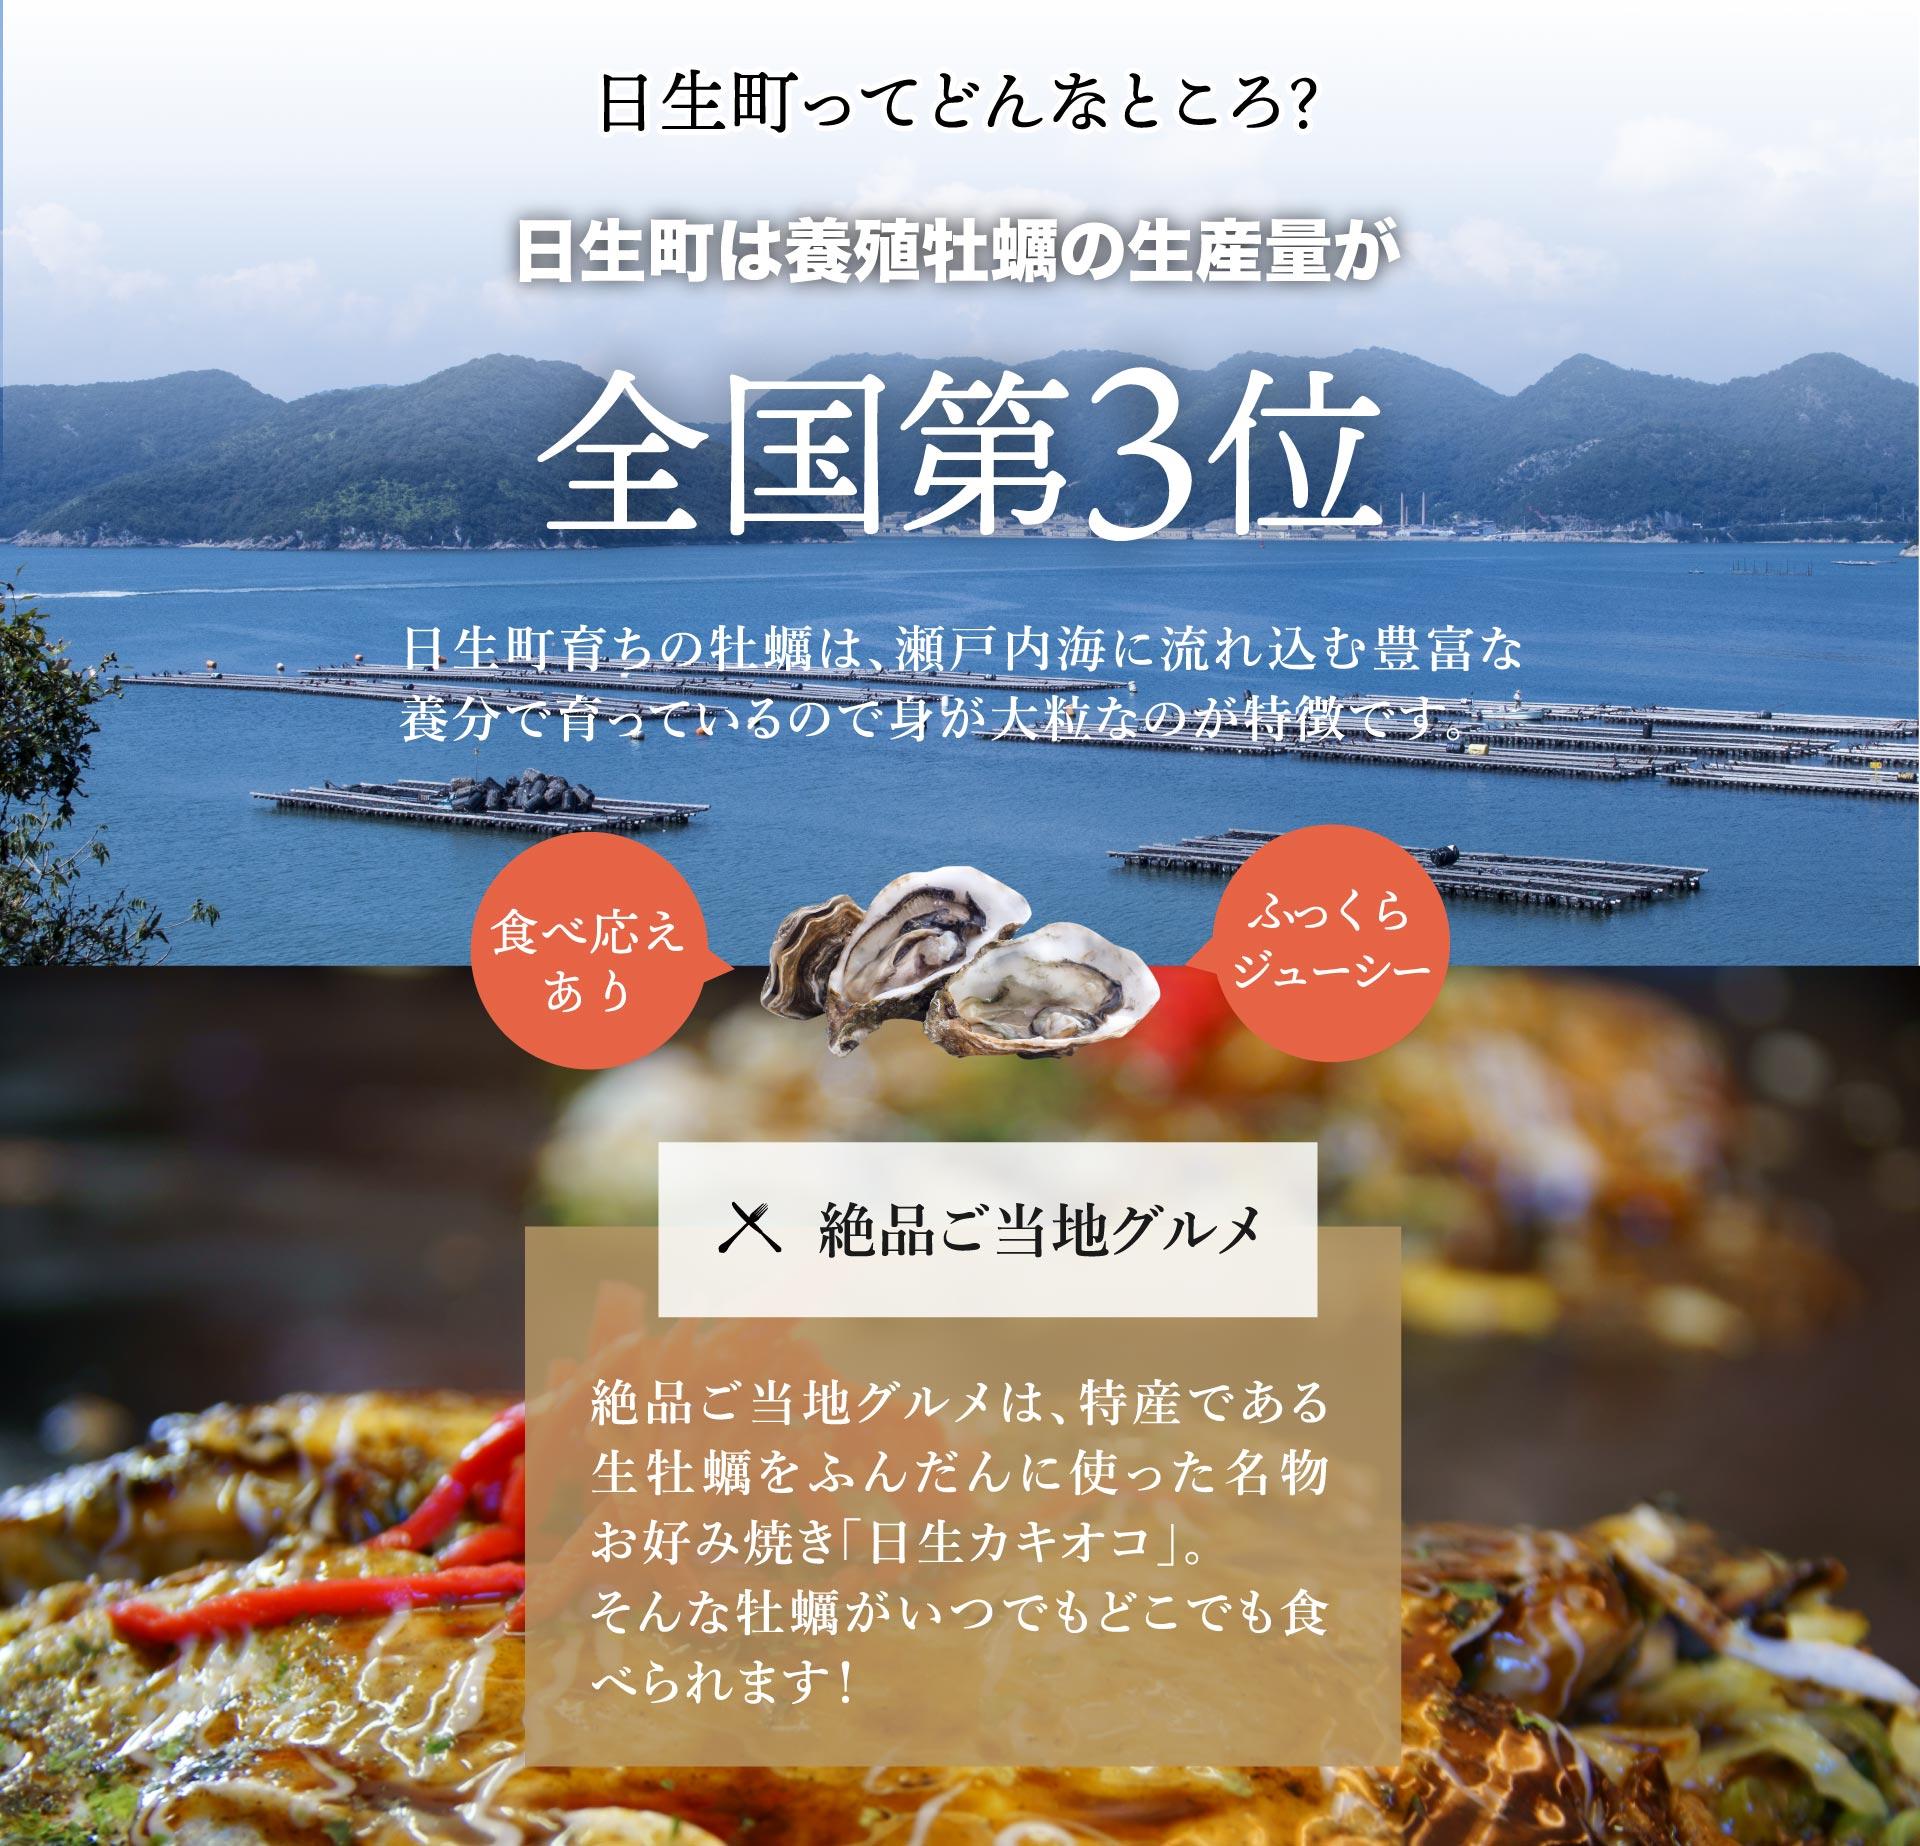 冷凍牡蠣販売・牡蠣の磯煮販売ページ5